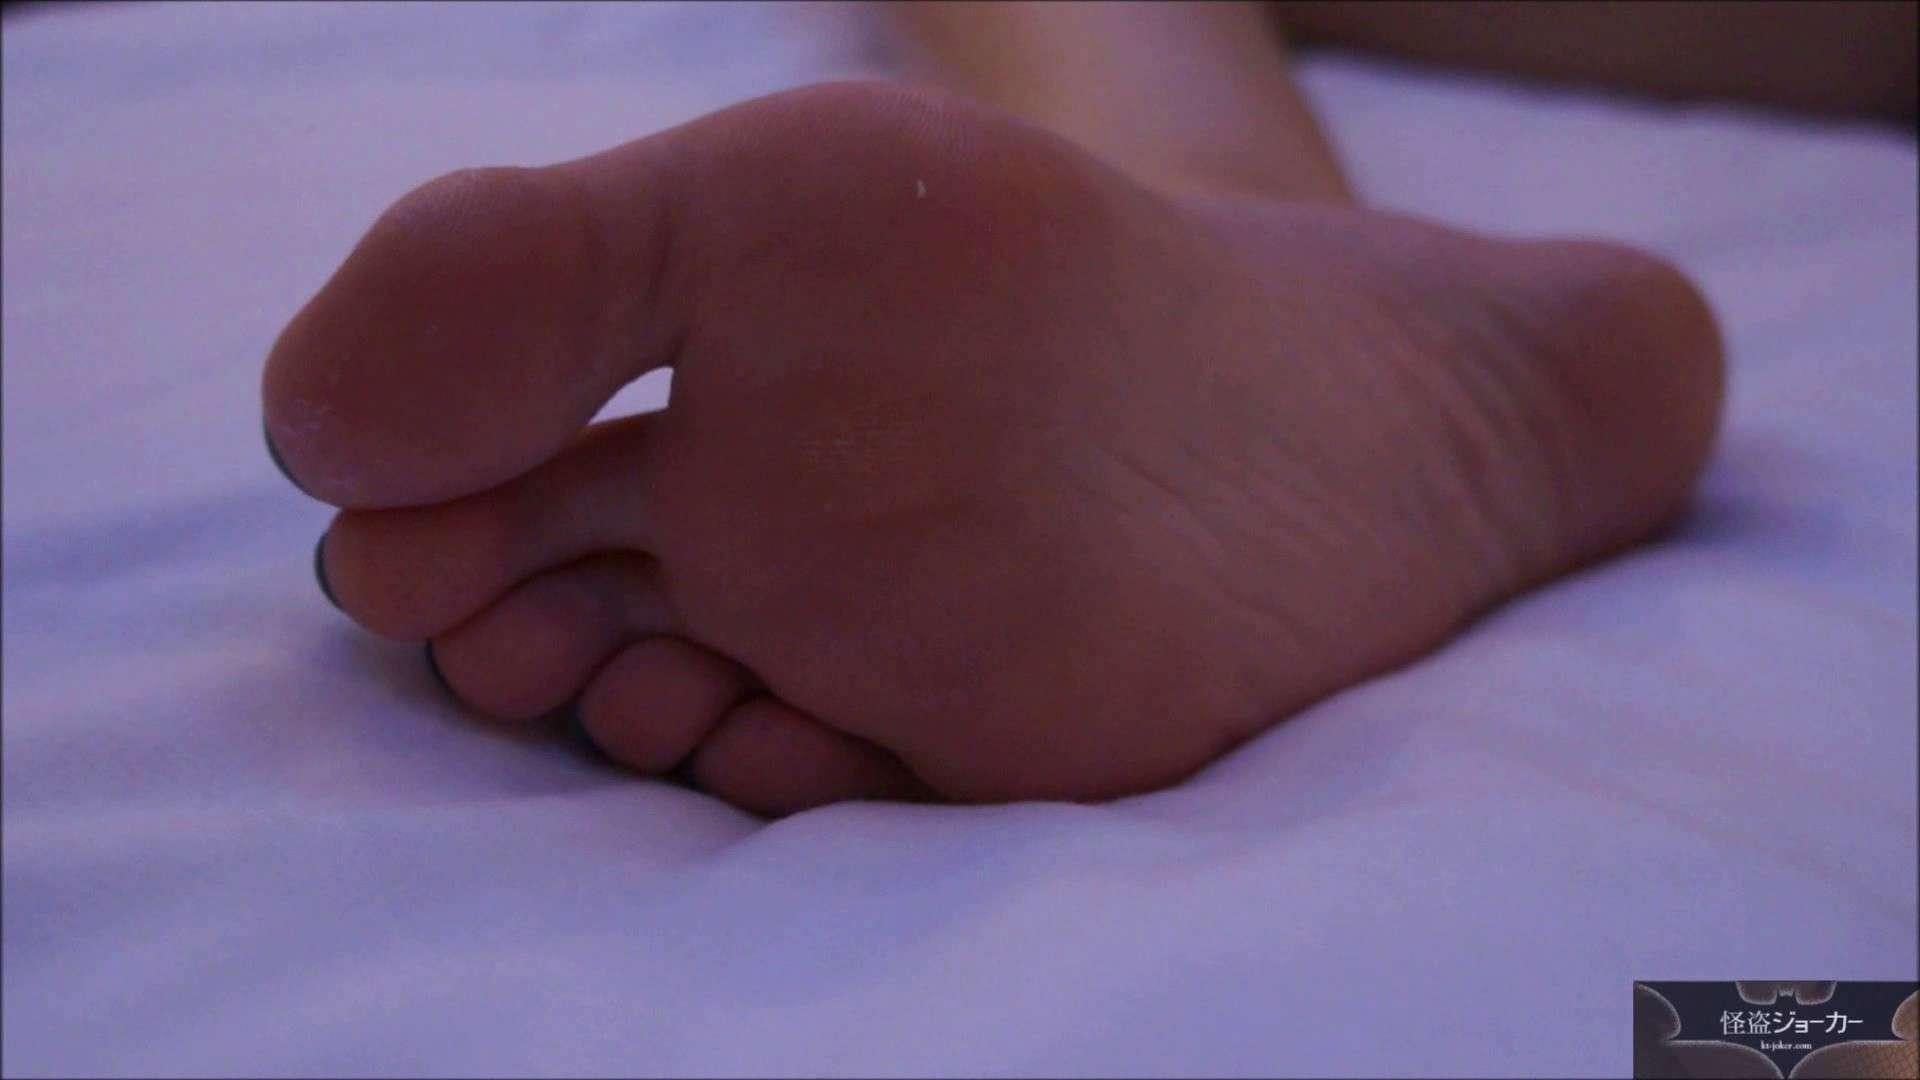 【未公開】vol.8 セレブ美魔女・ユキさんとの密会後・・・ ラブホテル 性交動画流出 94画像 30